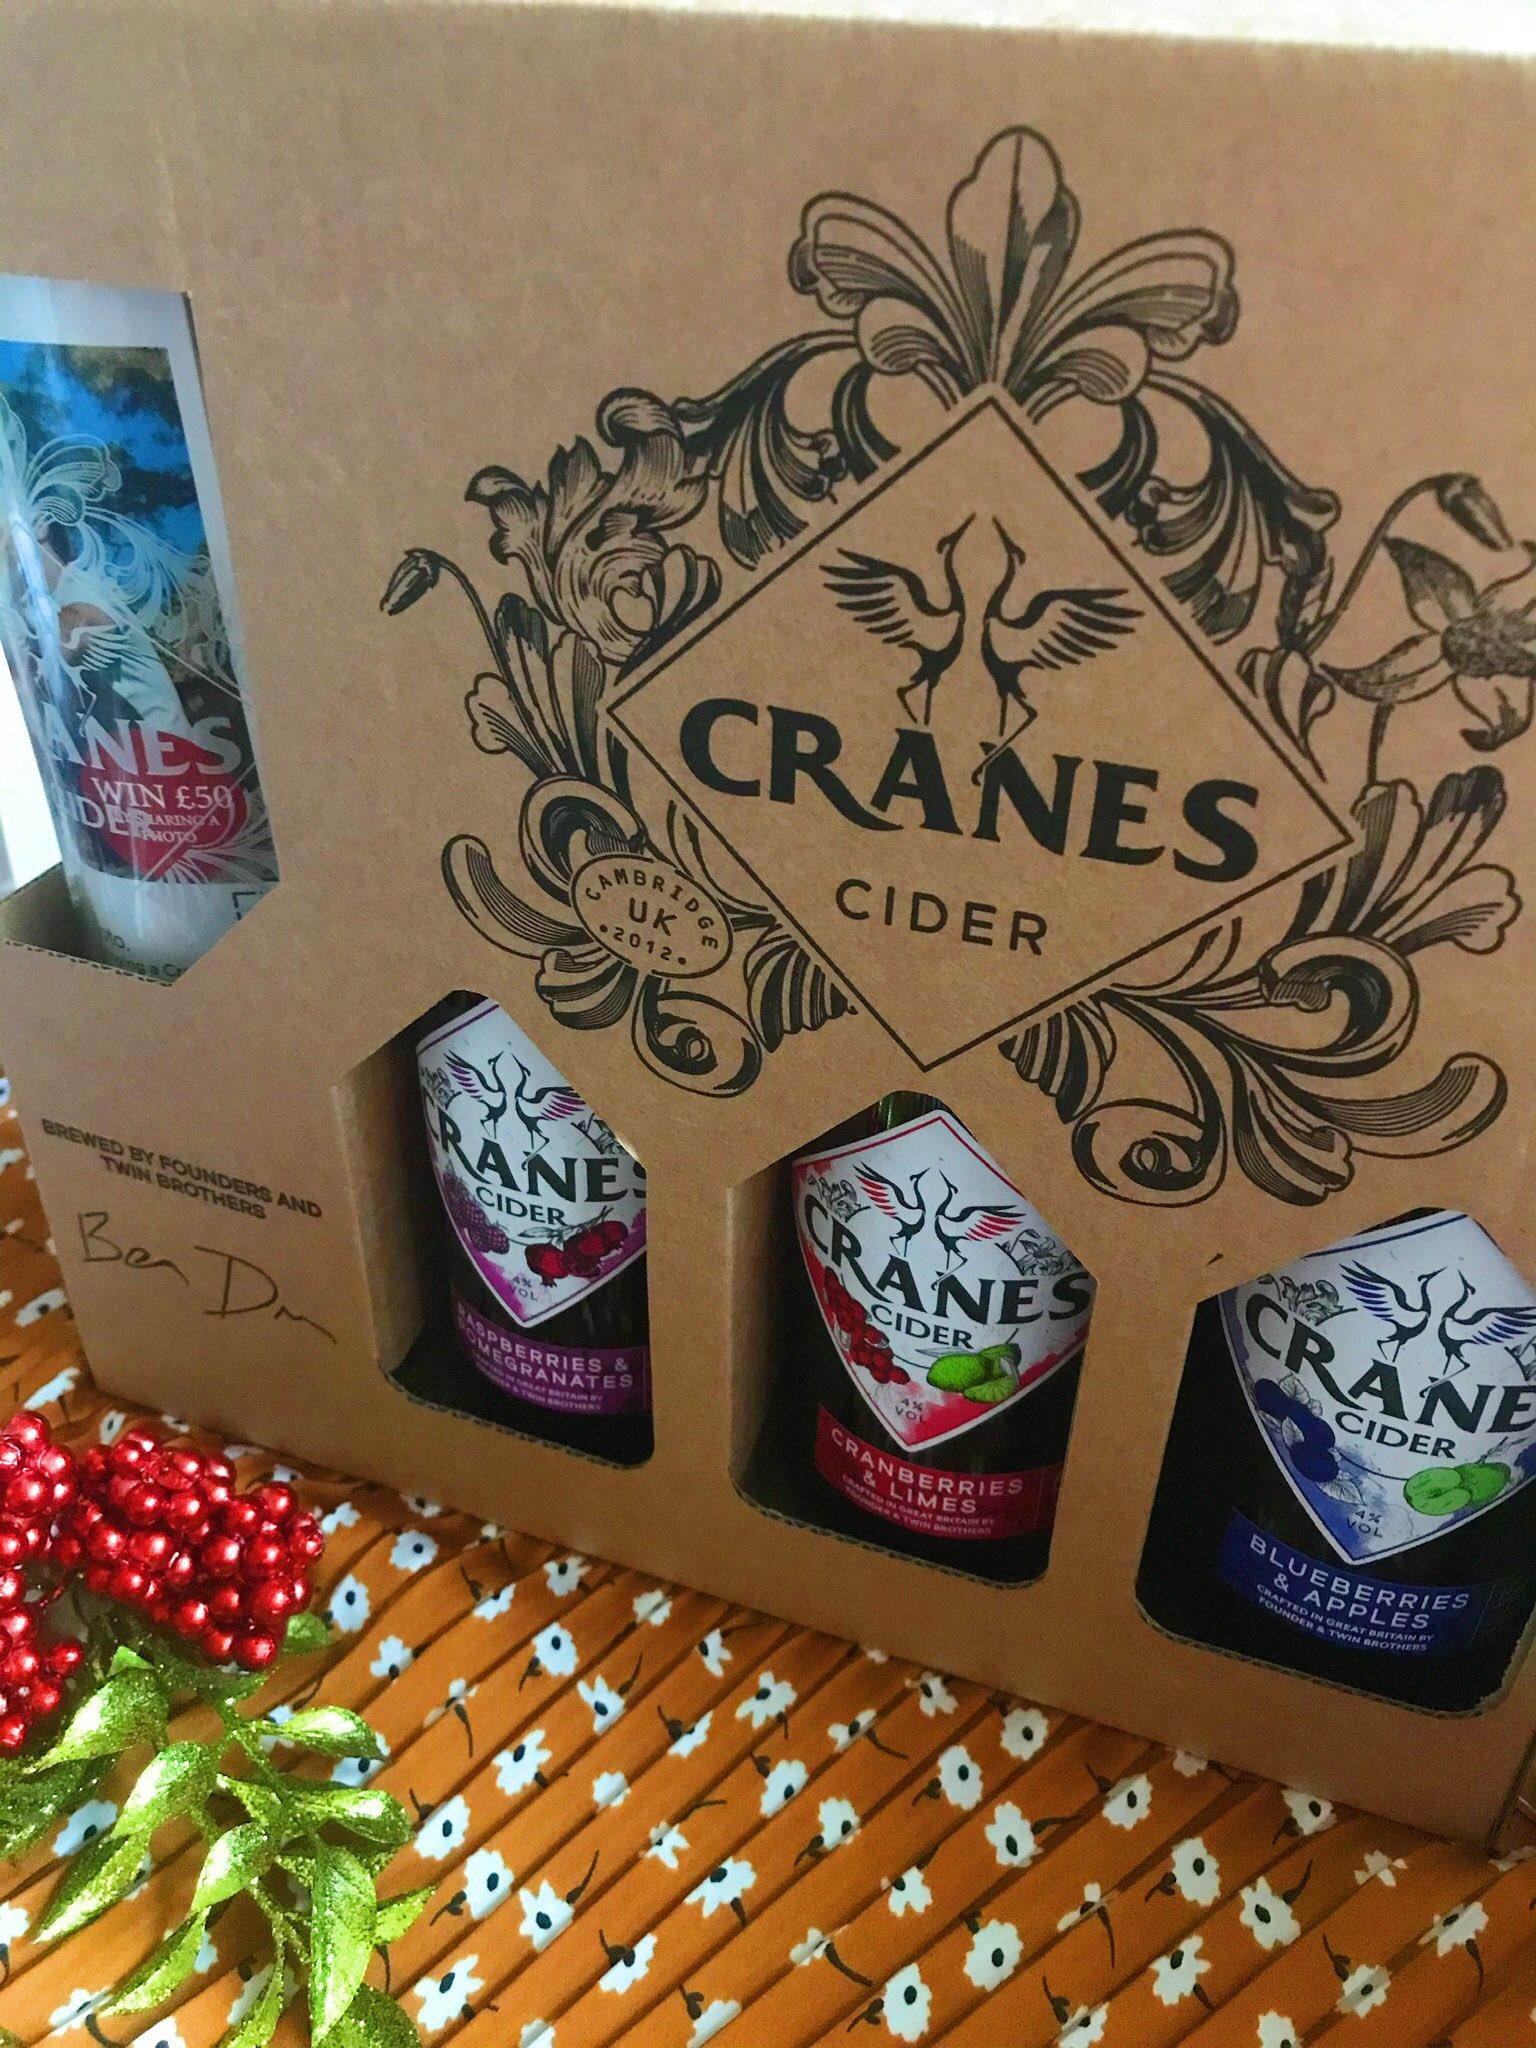 Cranes Cider gift set stood up